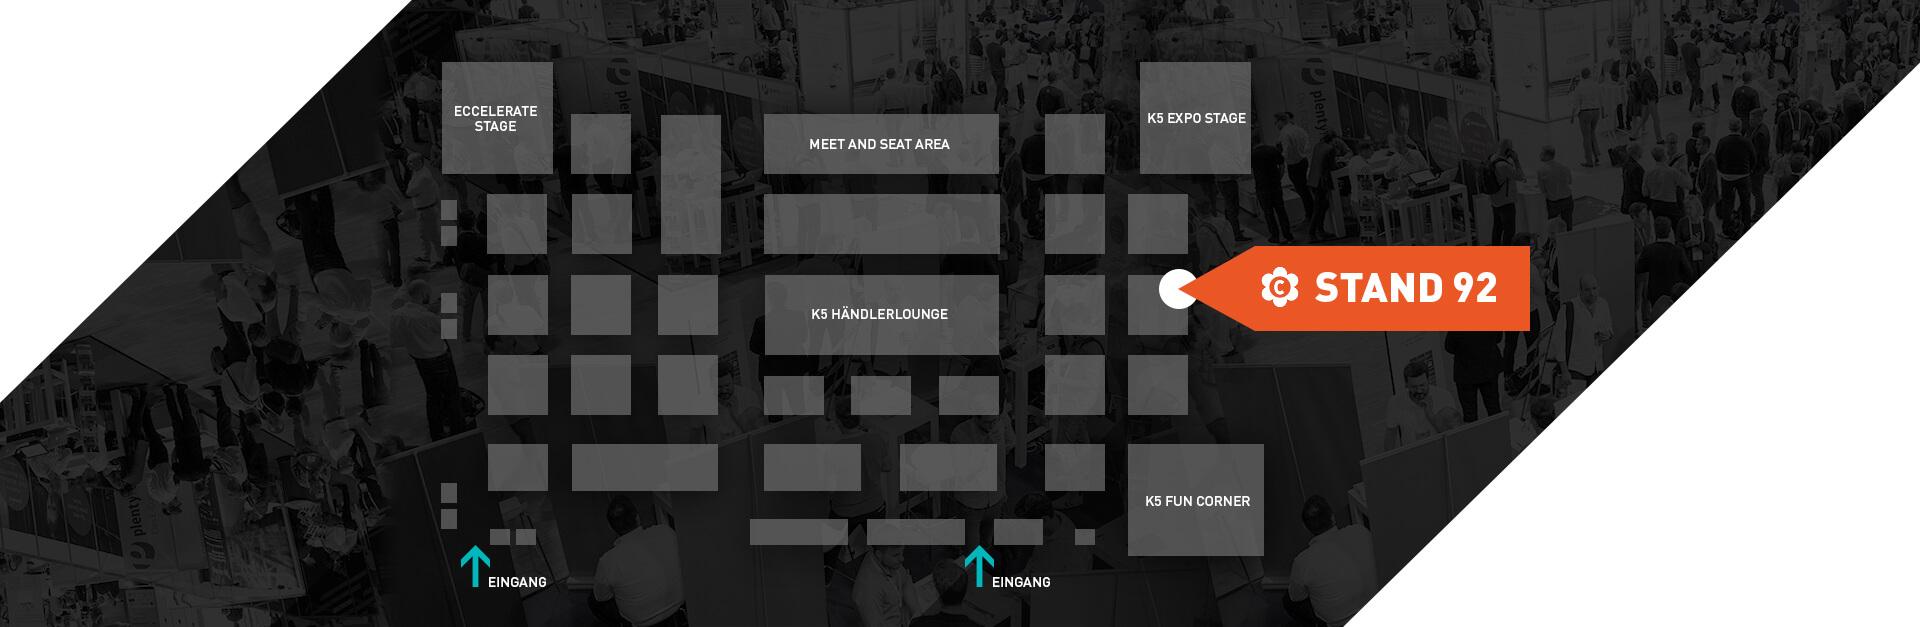 K5 Conference Hallenplan